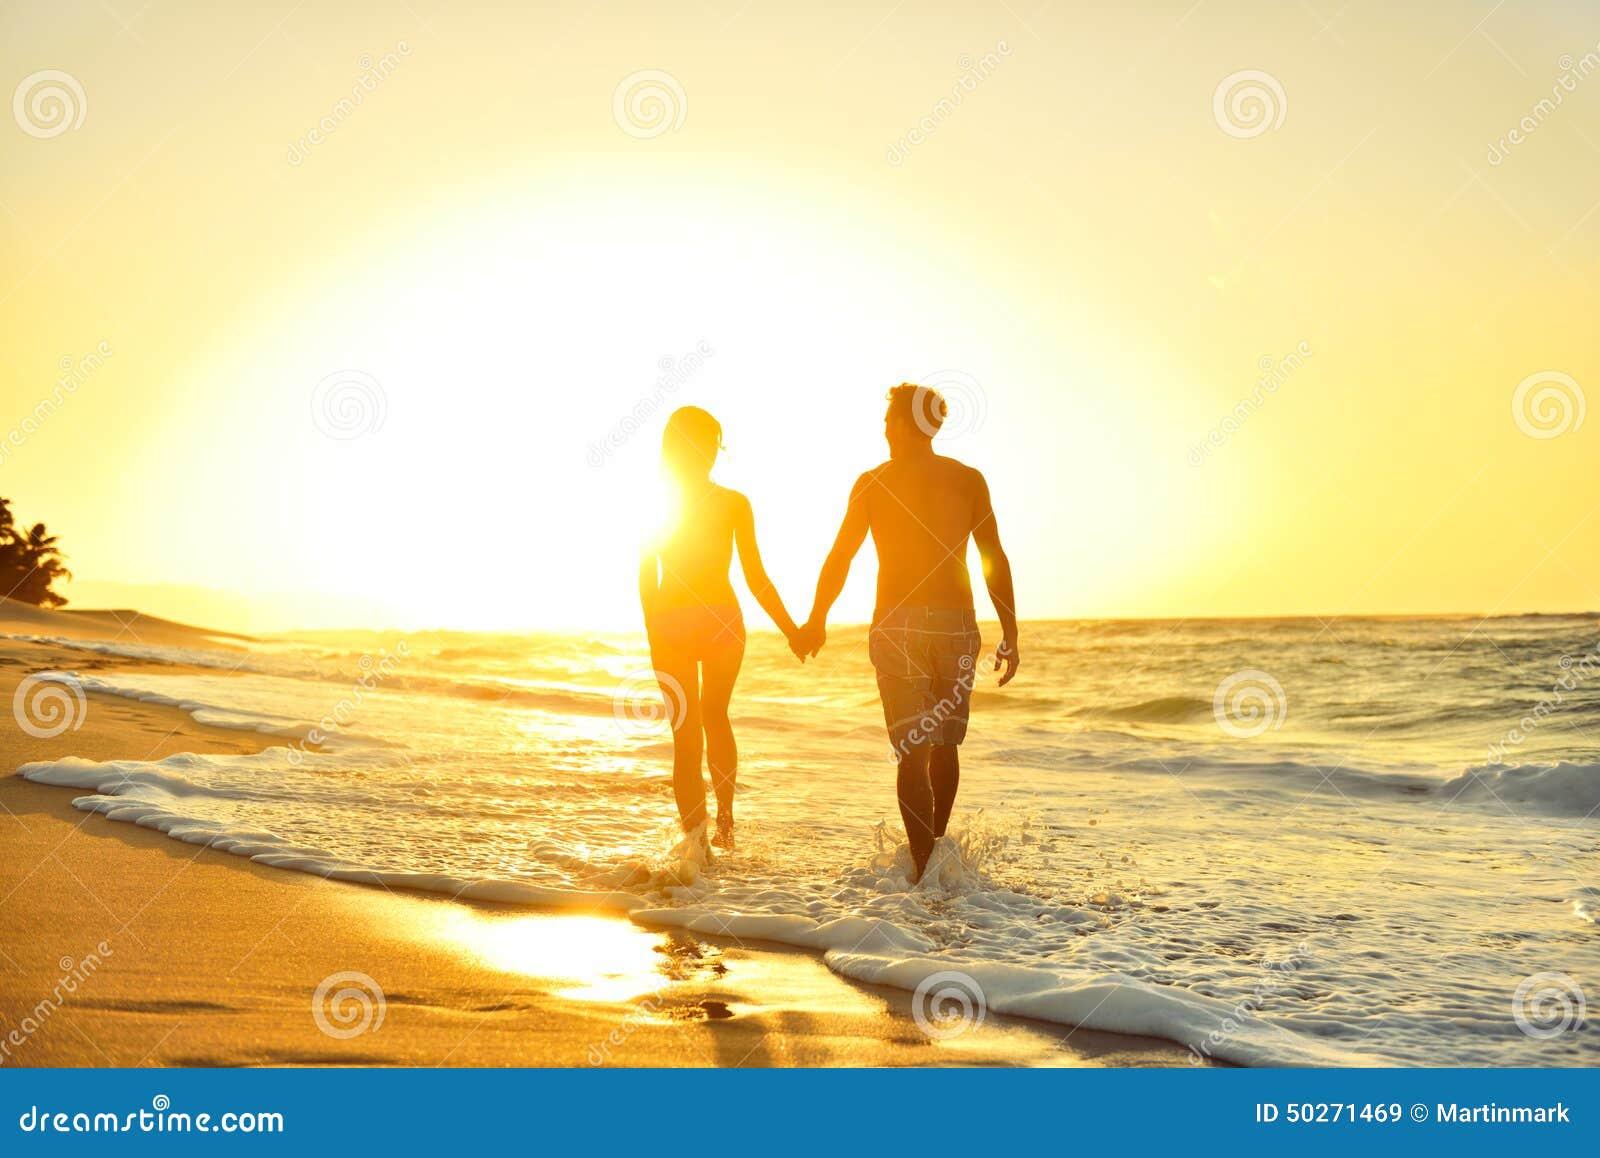 Romantische Flitterwochenpaare in der Liebe bei Strandsonnenuntergang